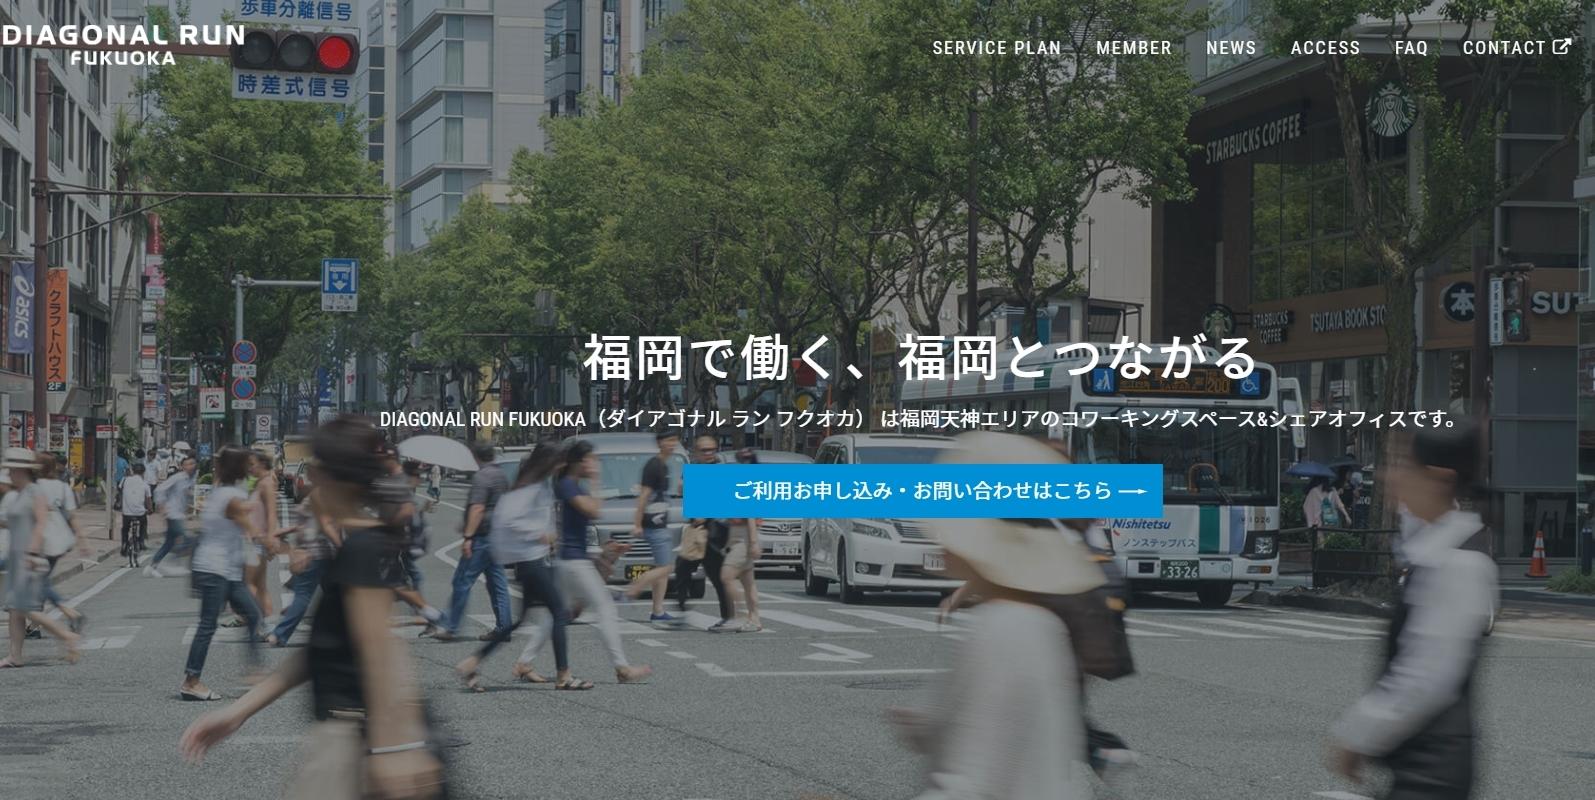 diagonal-run-fukuoka